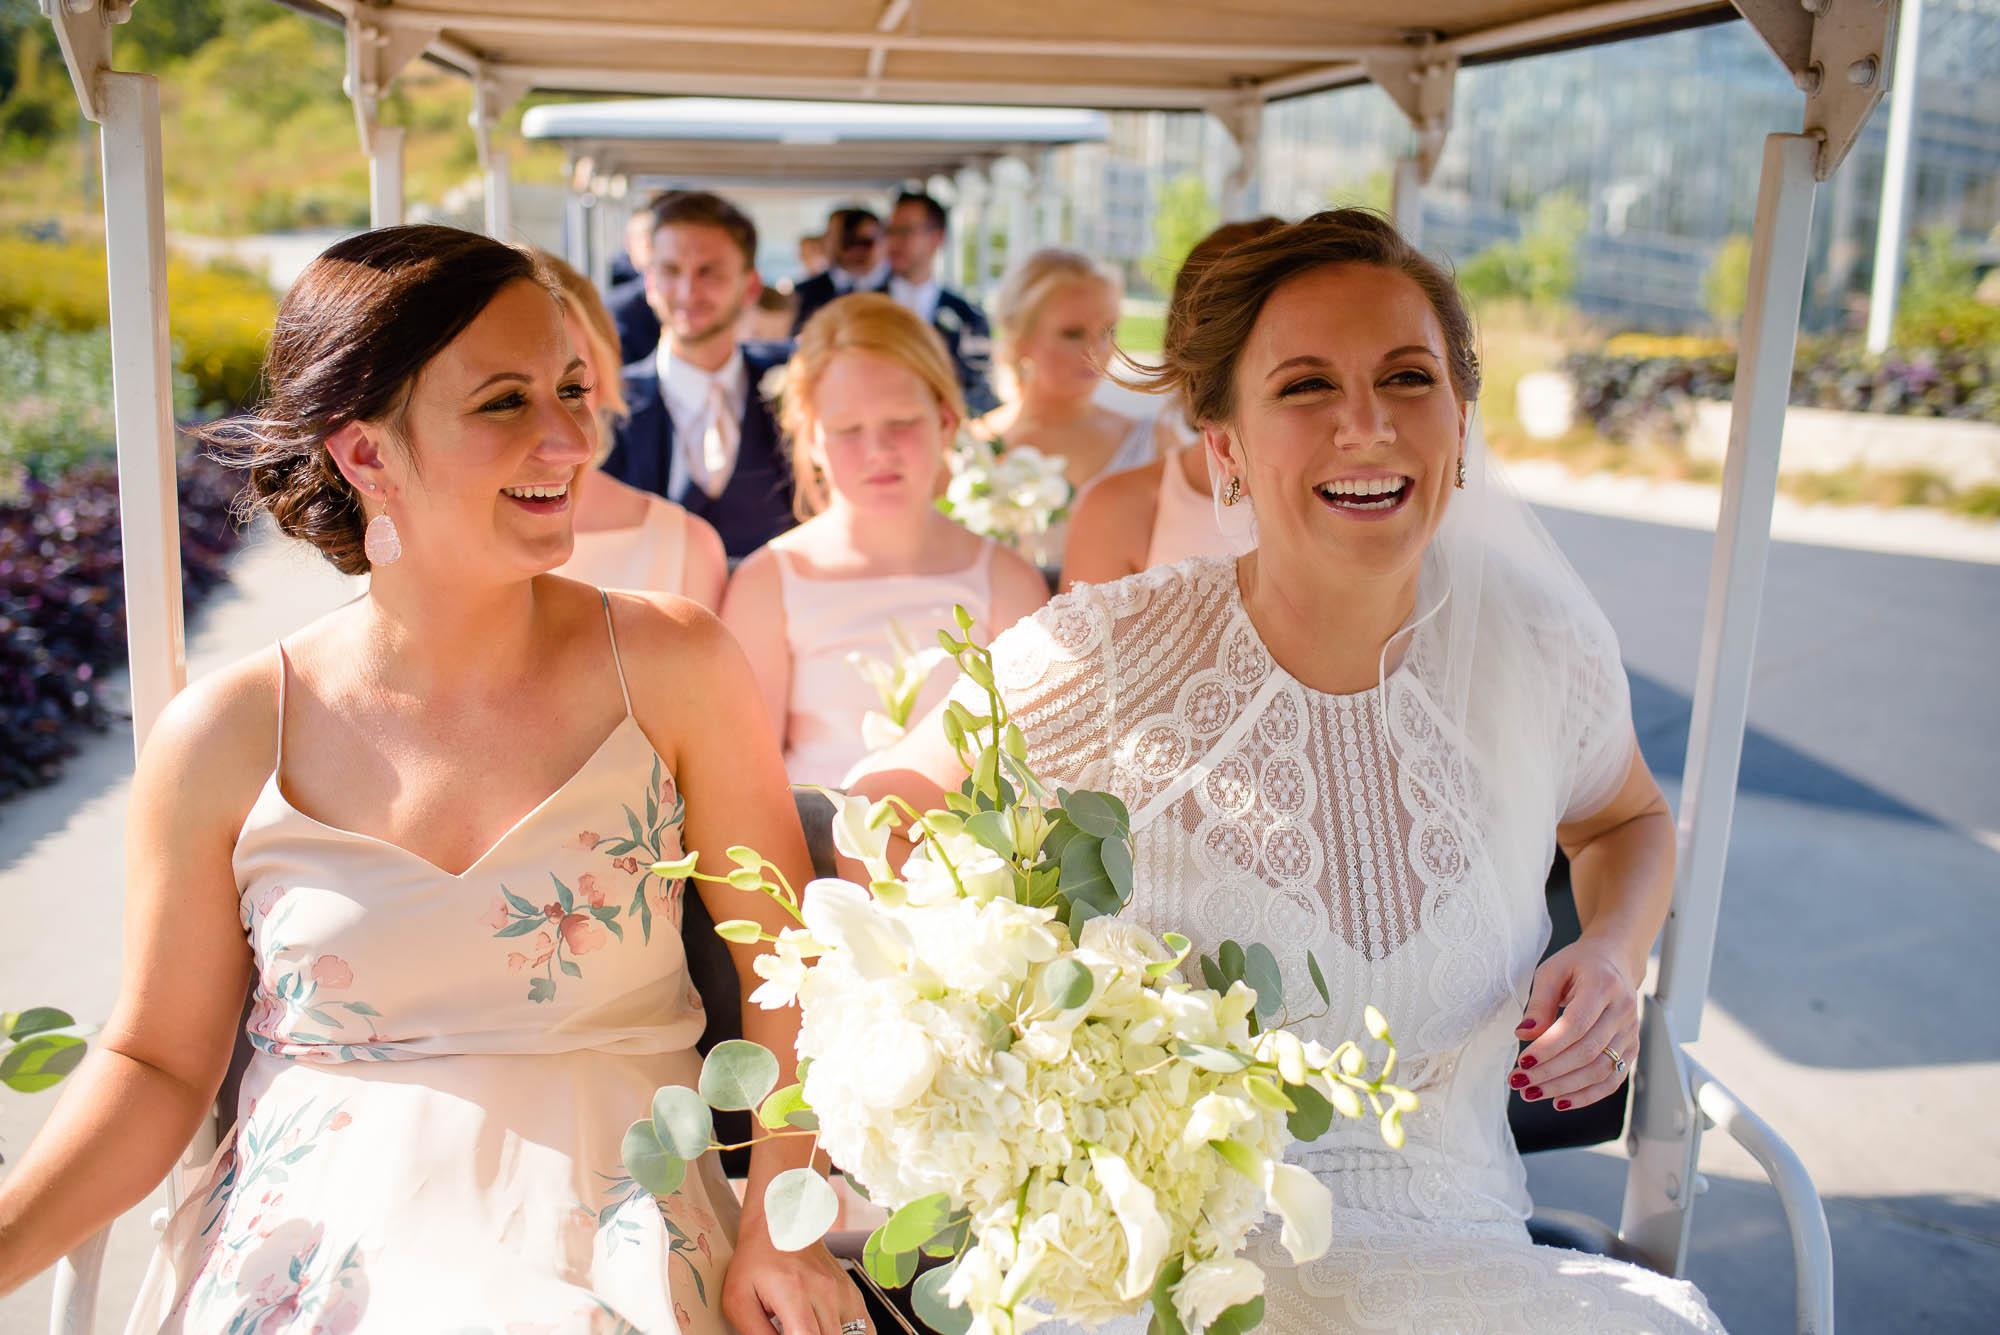 lauritzen-garden-omaha-liz-daniel-omaha-wedding-photographer-jm-studios-16016.jpg